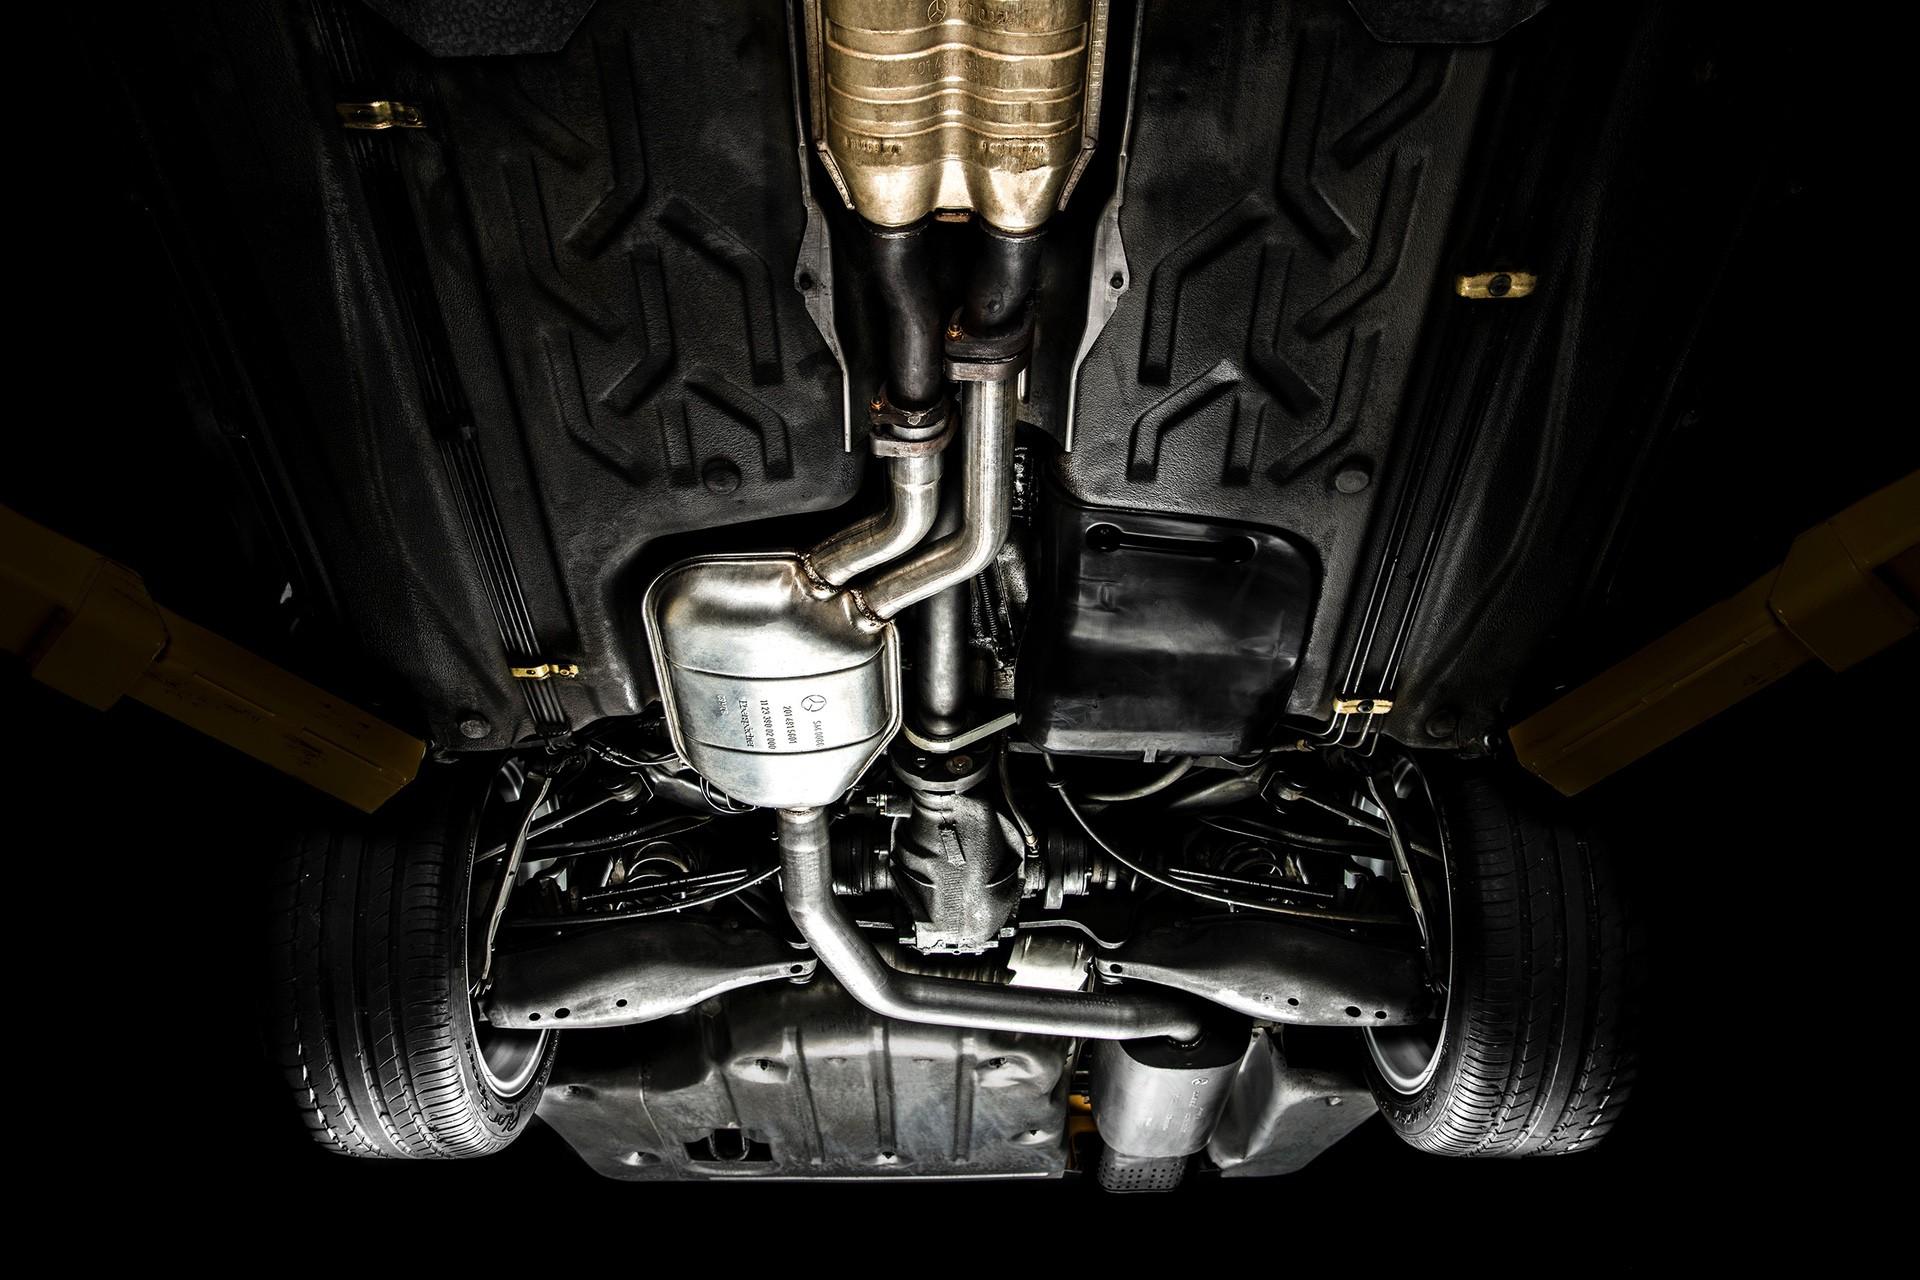 1990_Mercedes_Benz_190E_25-16_Evolution_II_sales_0049